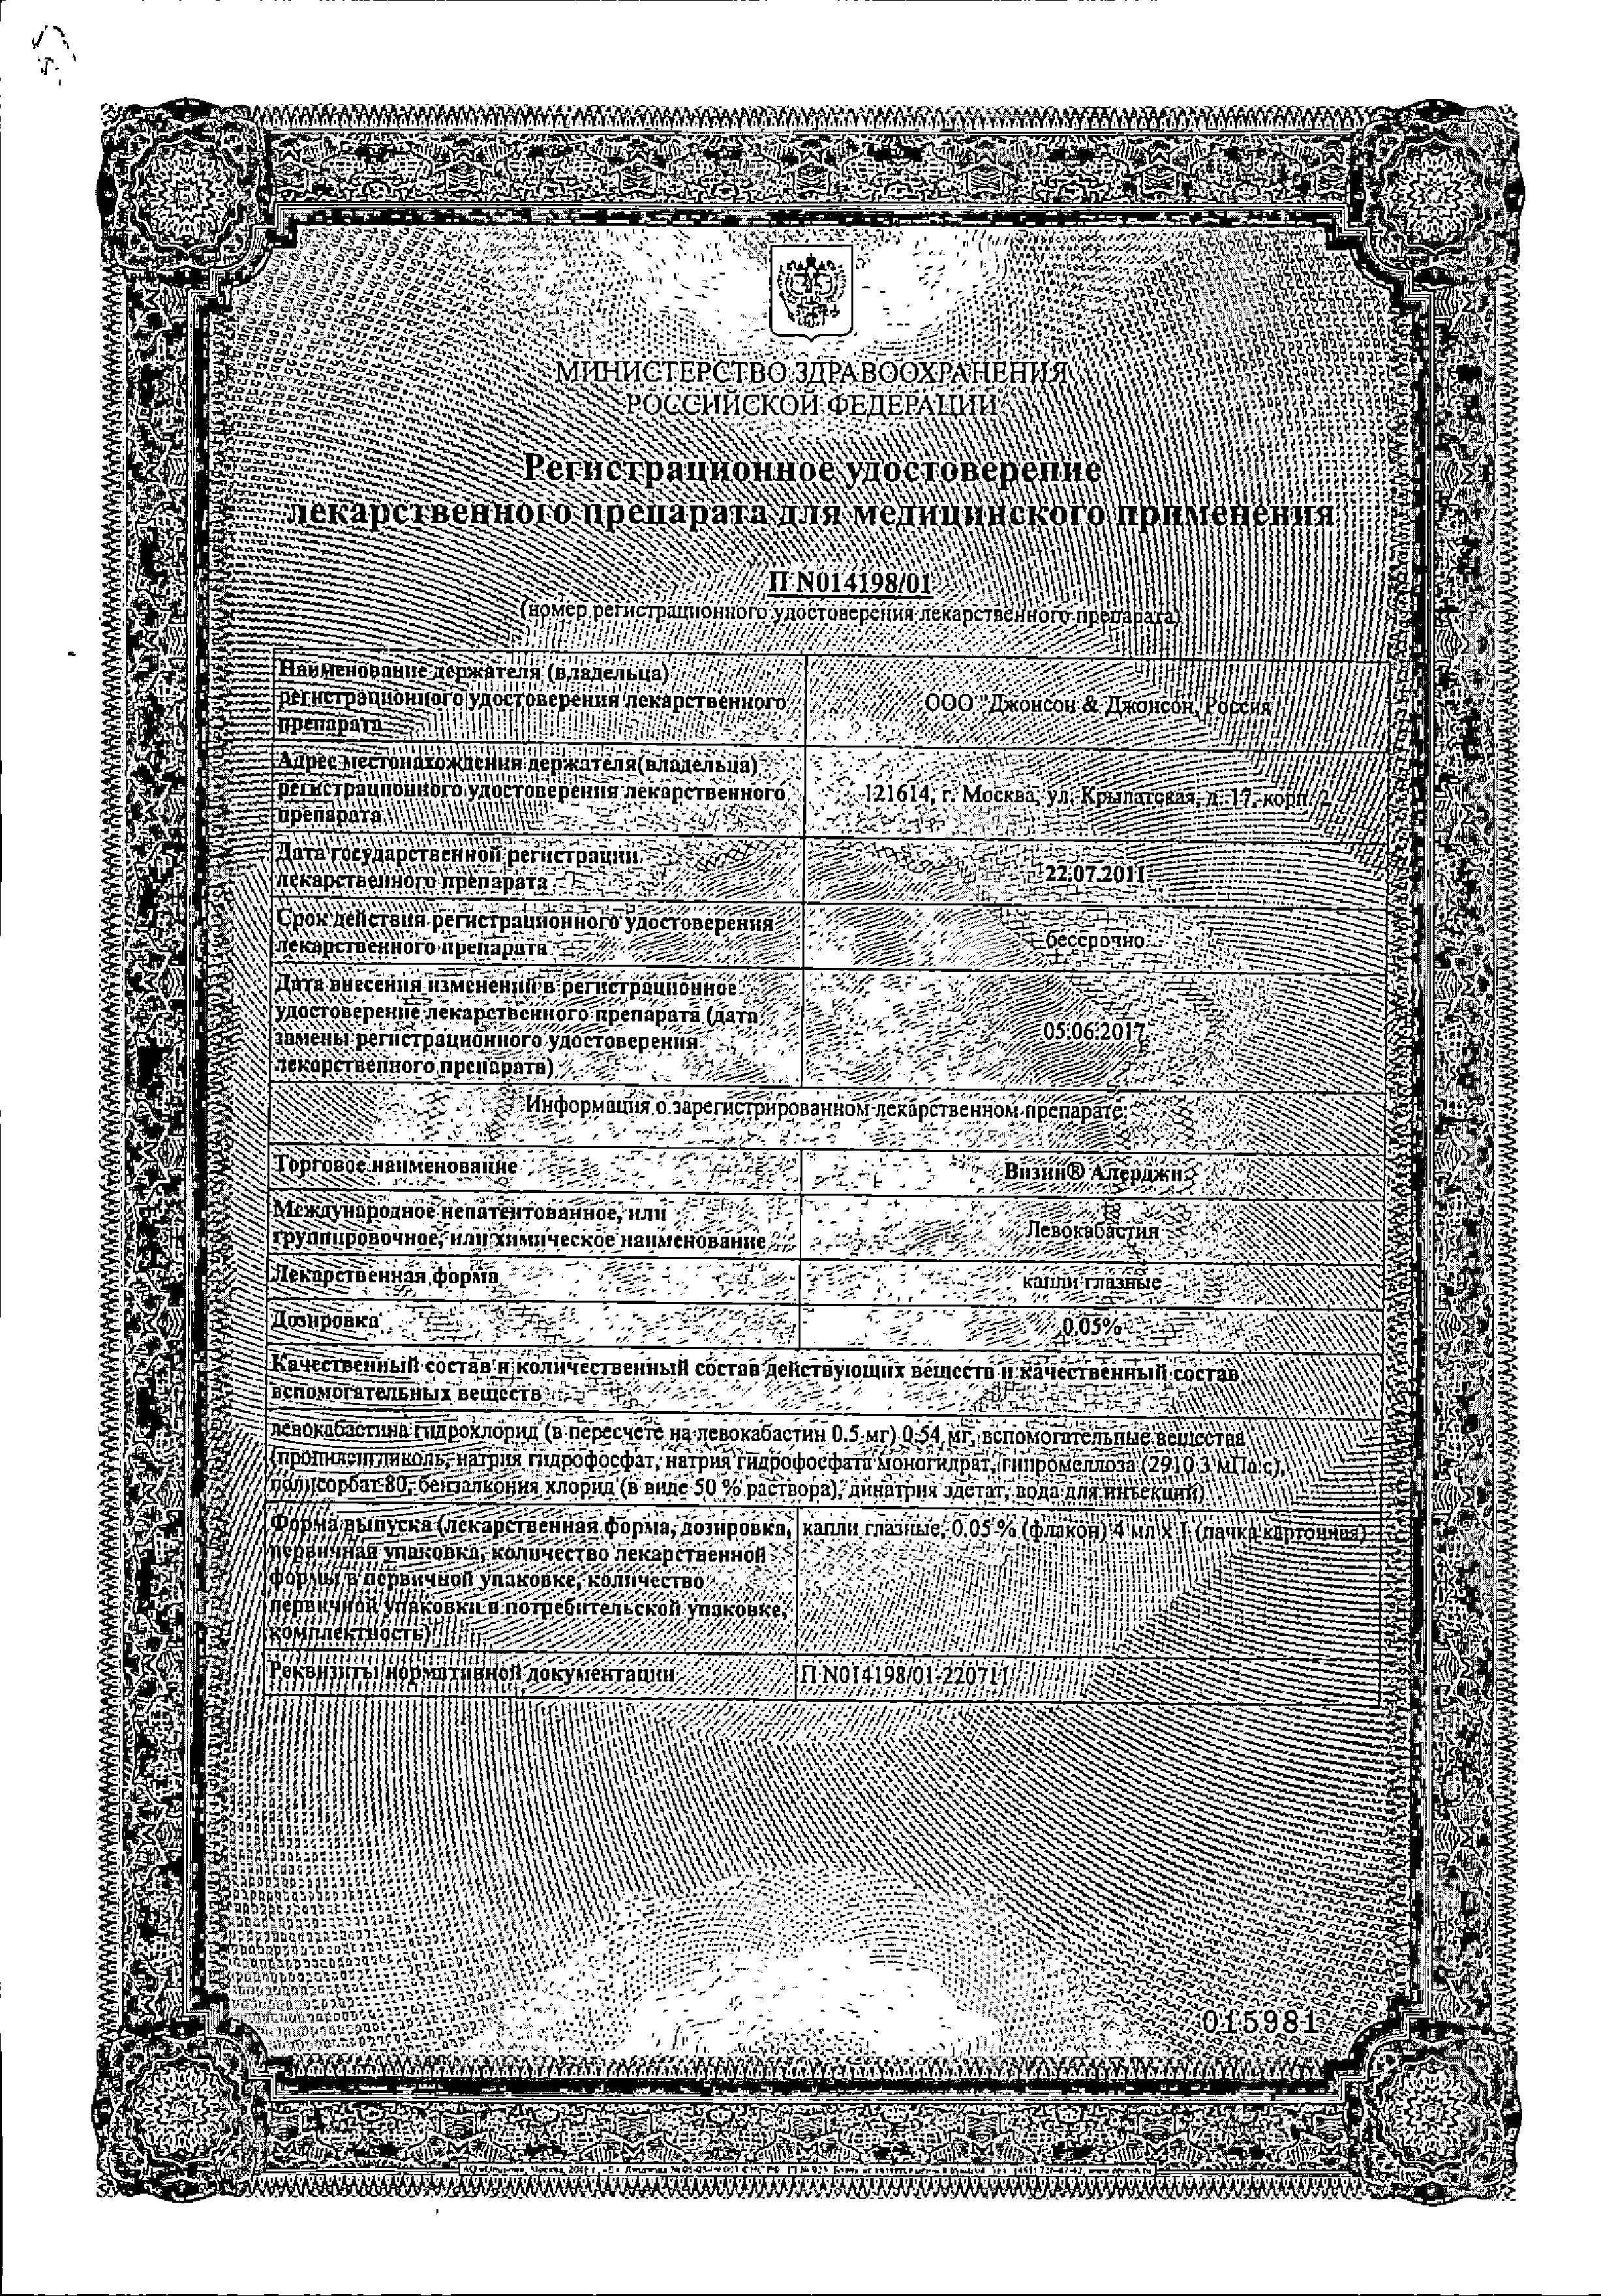 Визин Алерджи сертификат